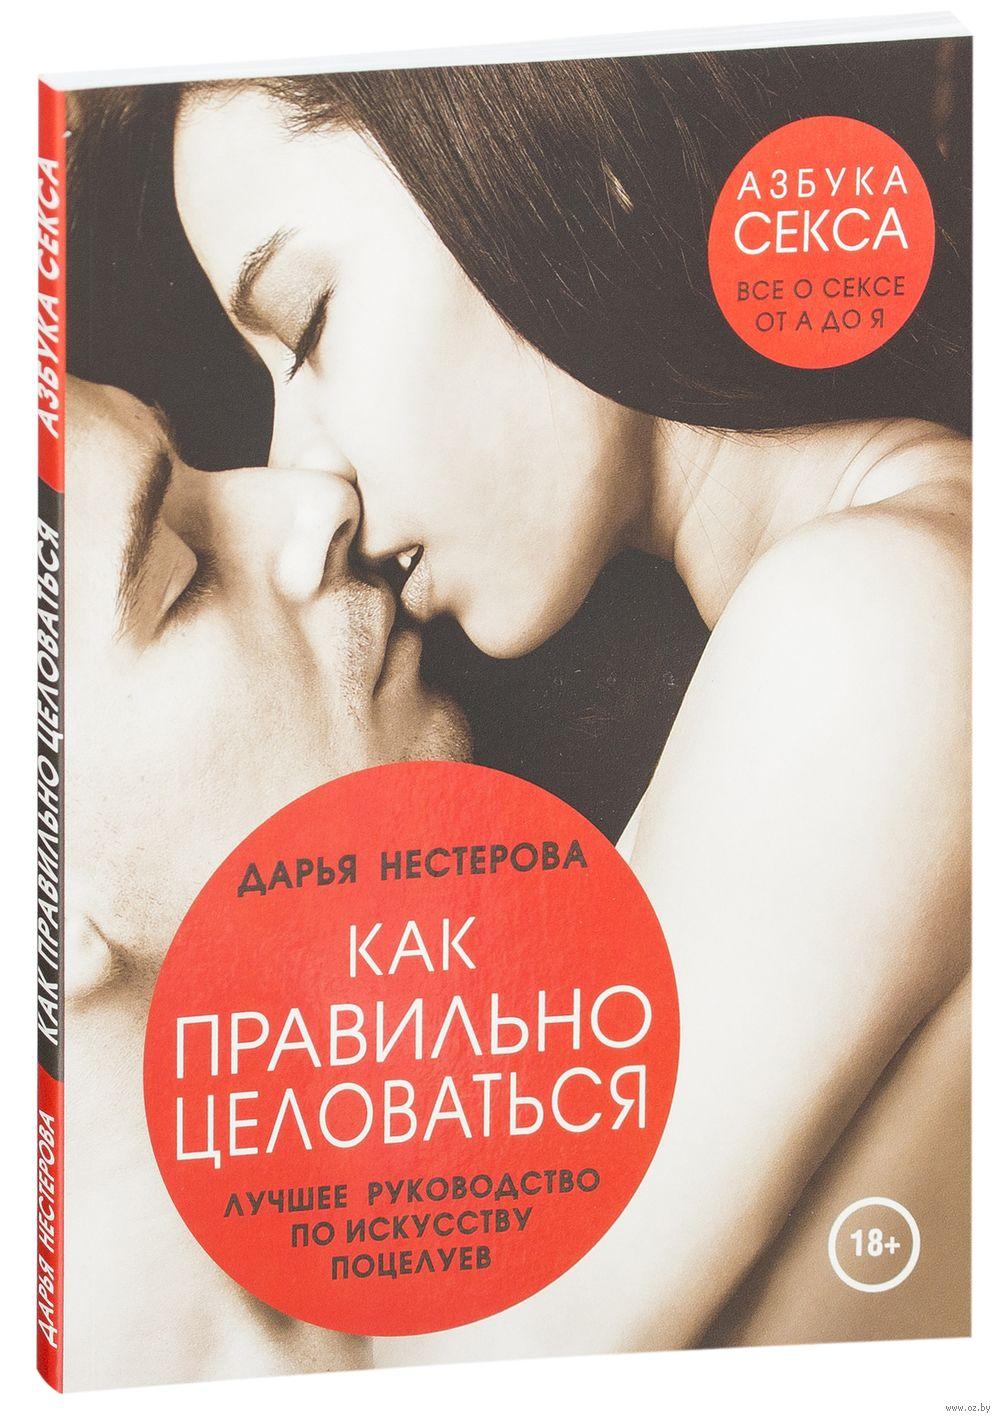 Обучающие сексу книги 19 фотография